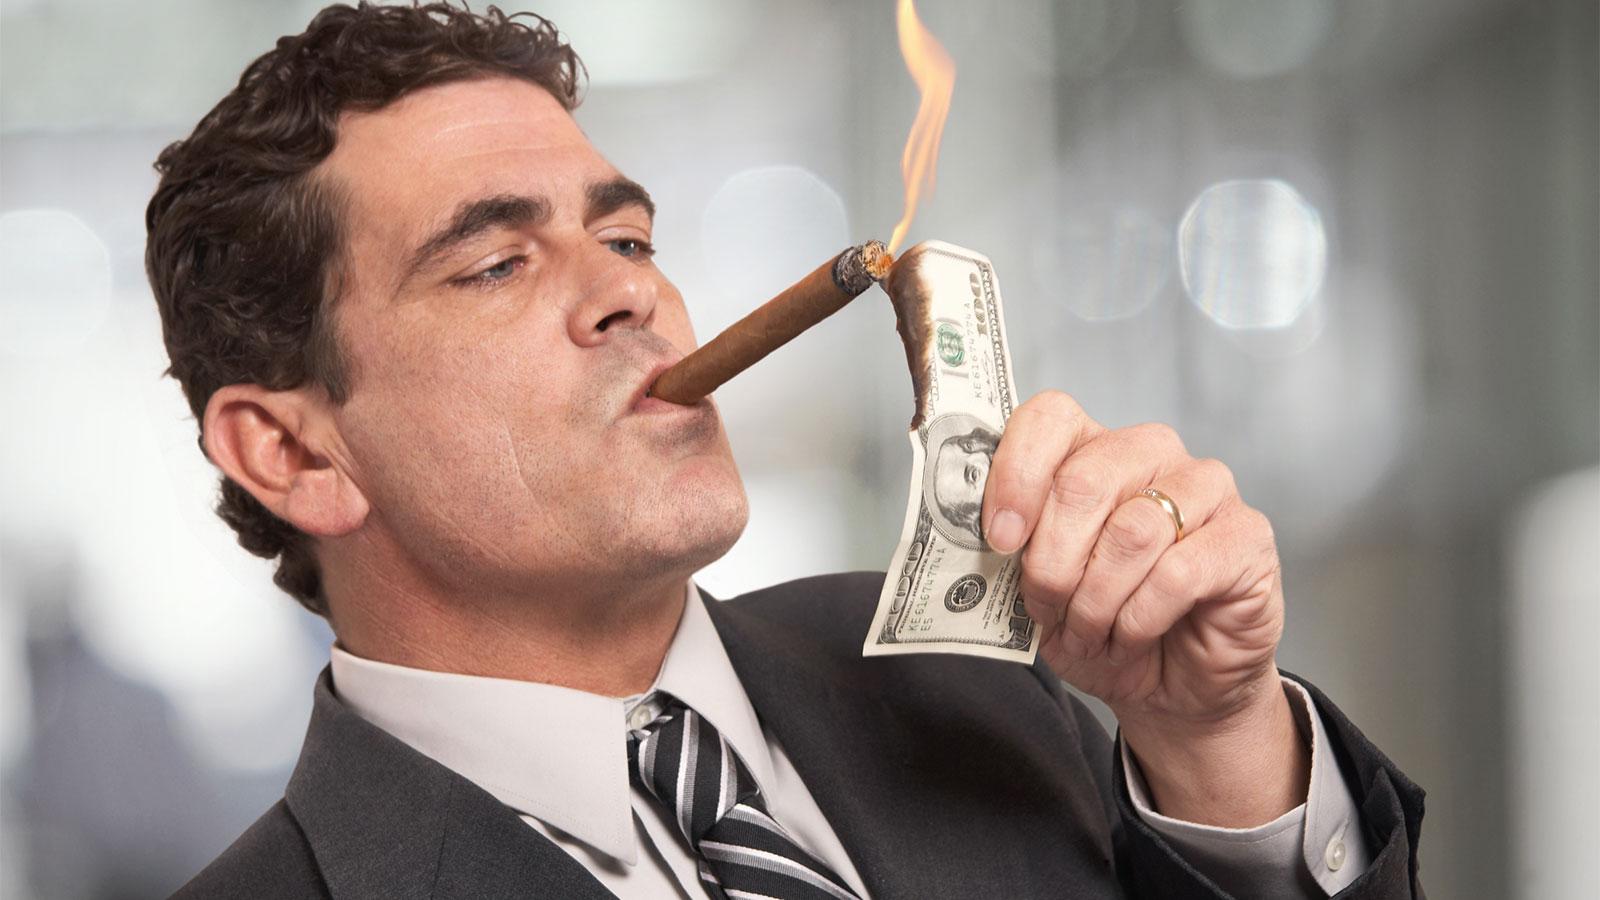 Man lighting cigar with $100 bill